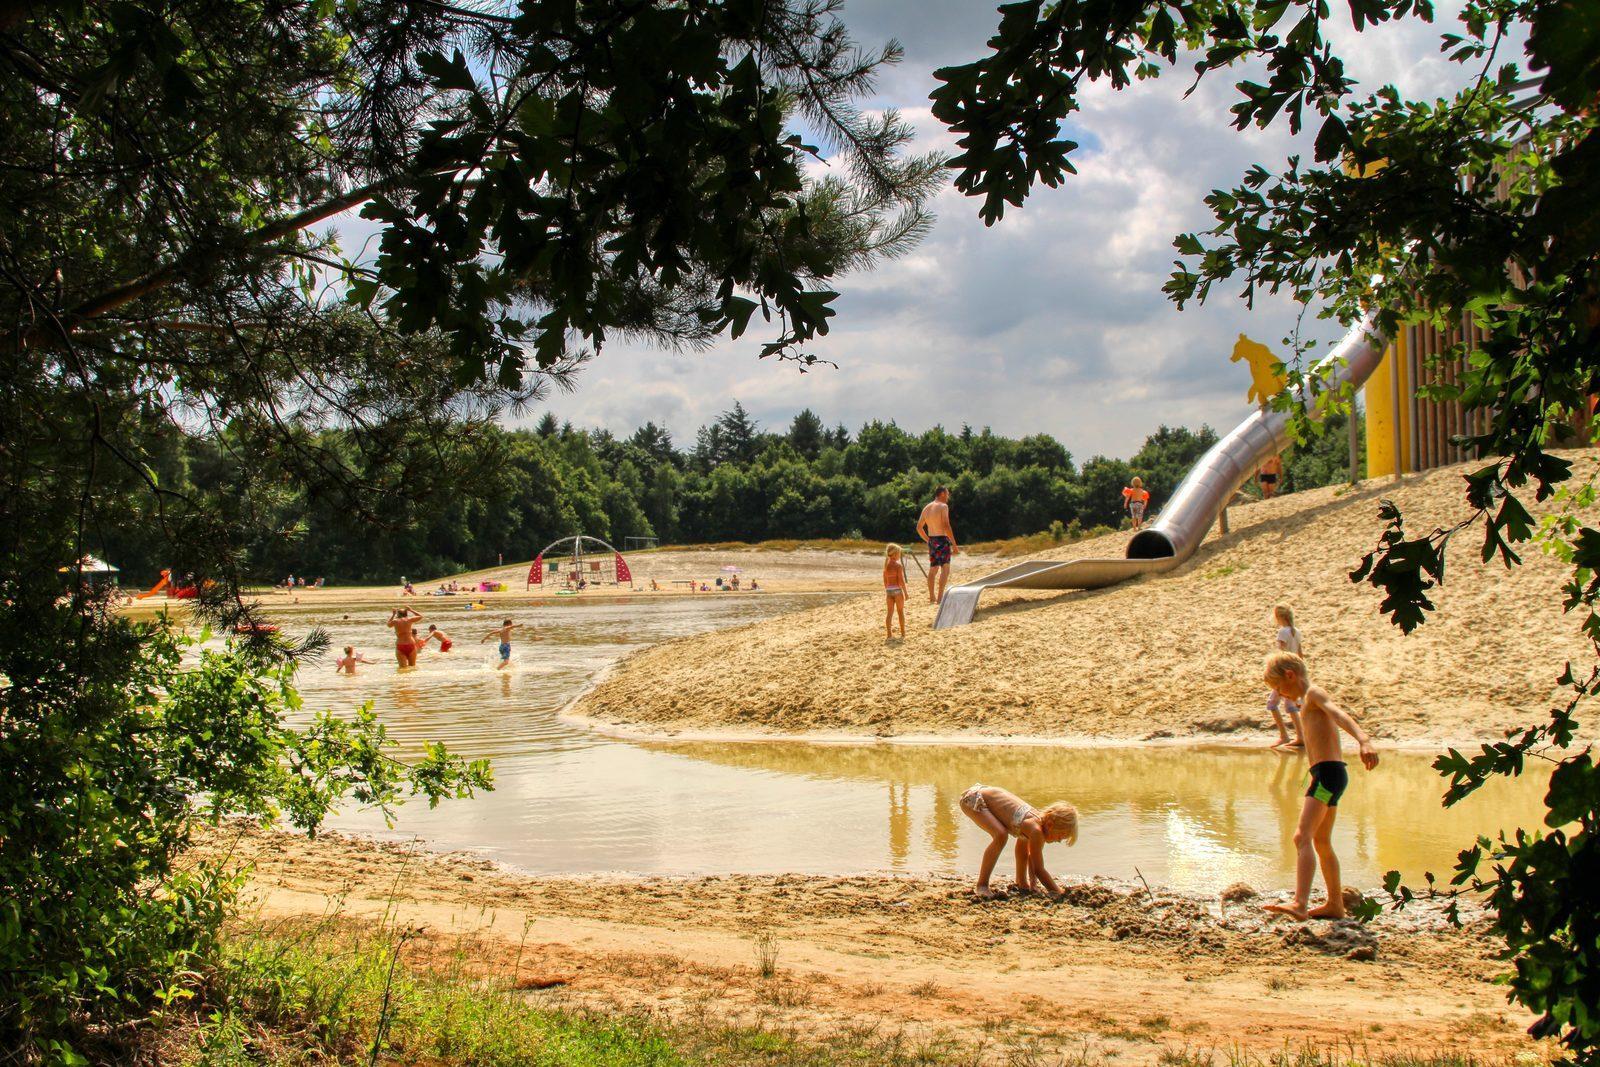 De zwemvijver van Camping de Berenkuil